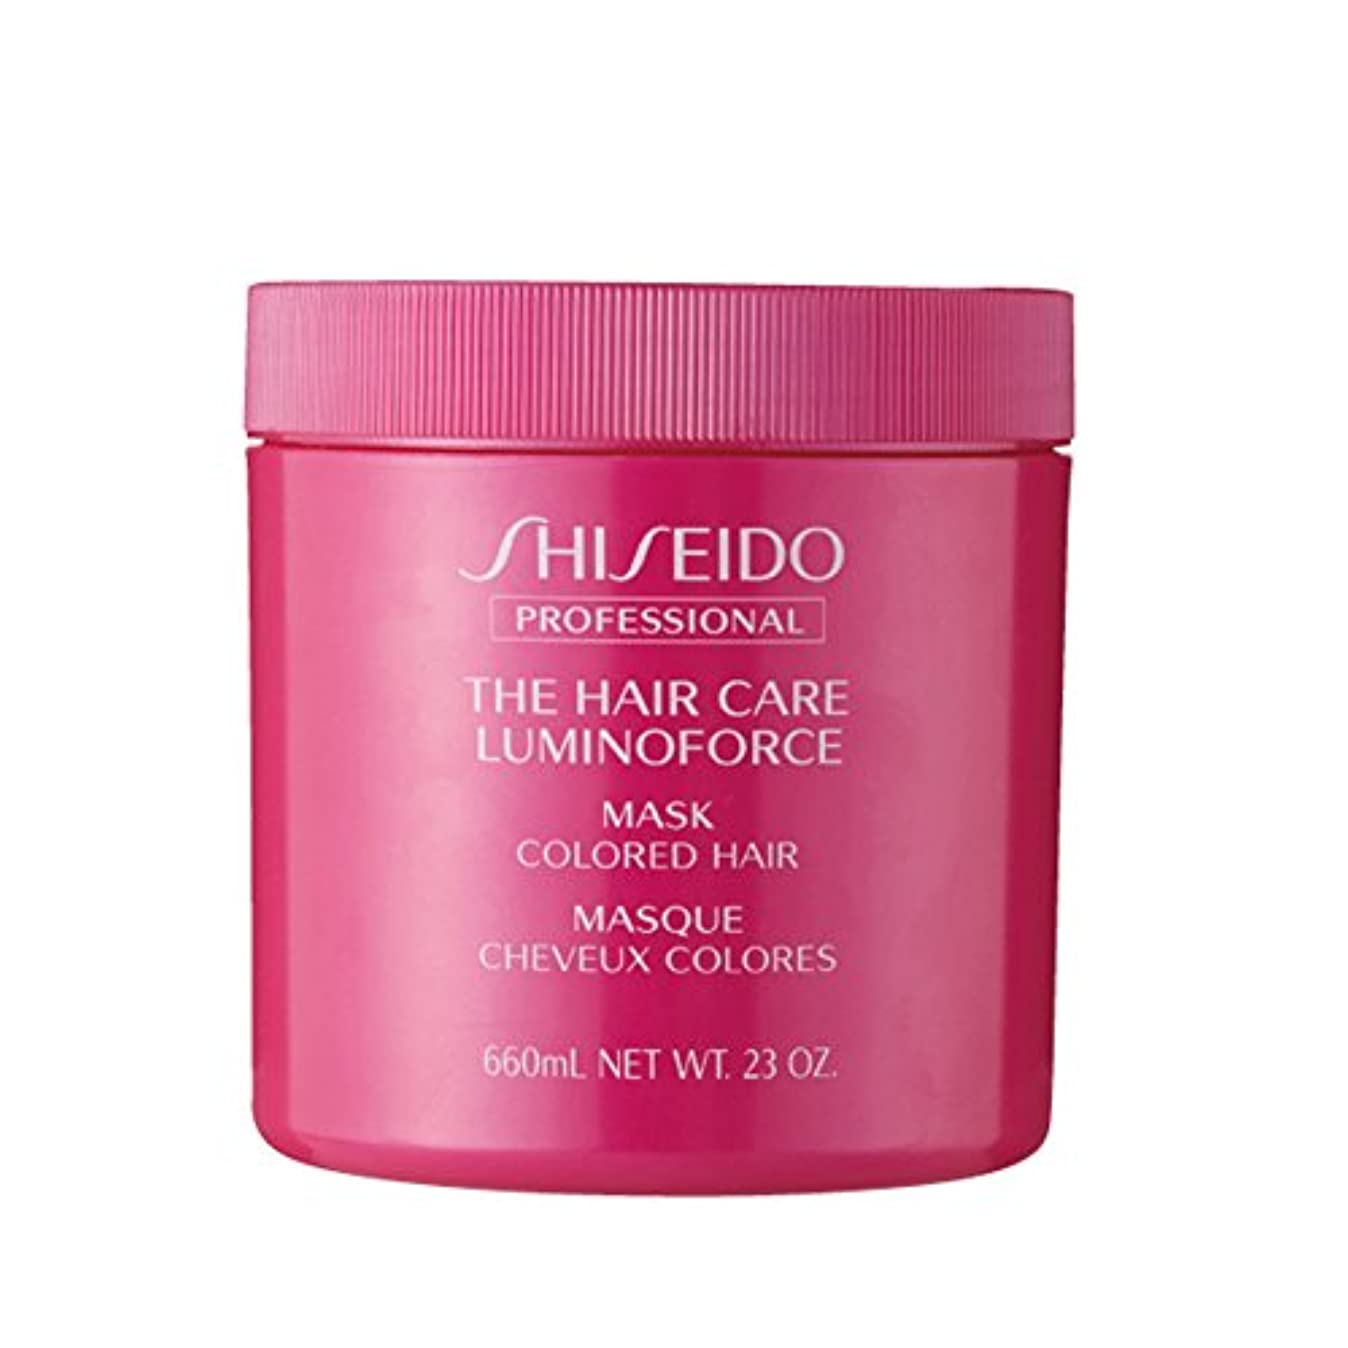 テロ転用前書き資生堂 THC ルミノフォースマスク 680g ×2個 セットヘアカラーを繰り返したごわついた髪を、芯からしなやかでつややかな髪へSHISEIDO LUMINOFORCE